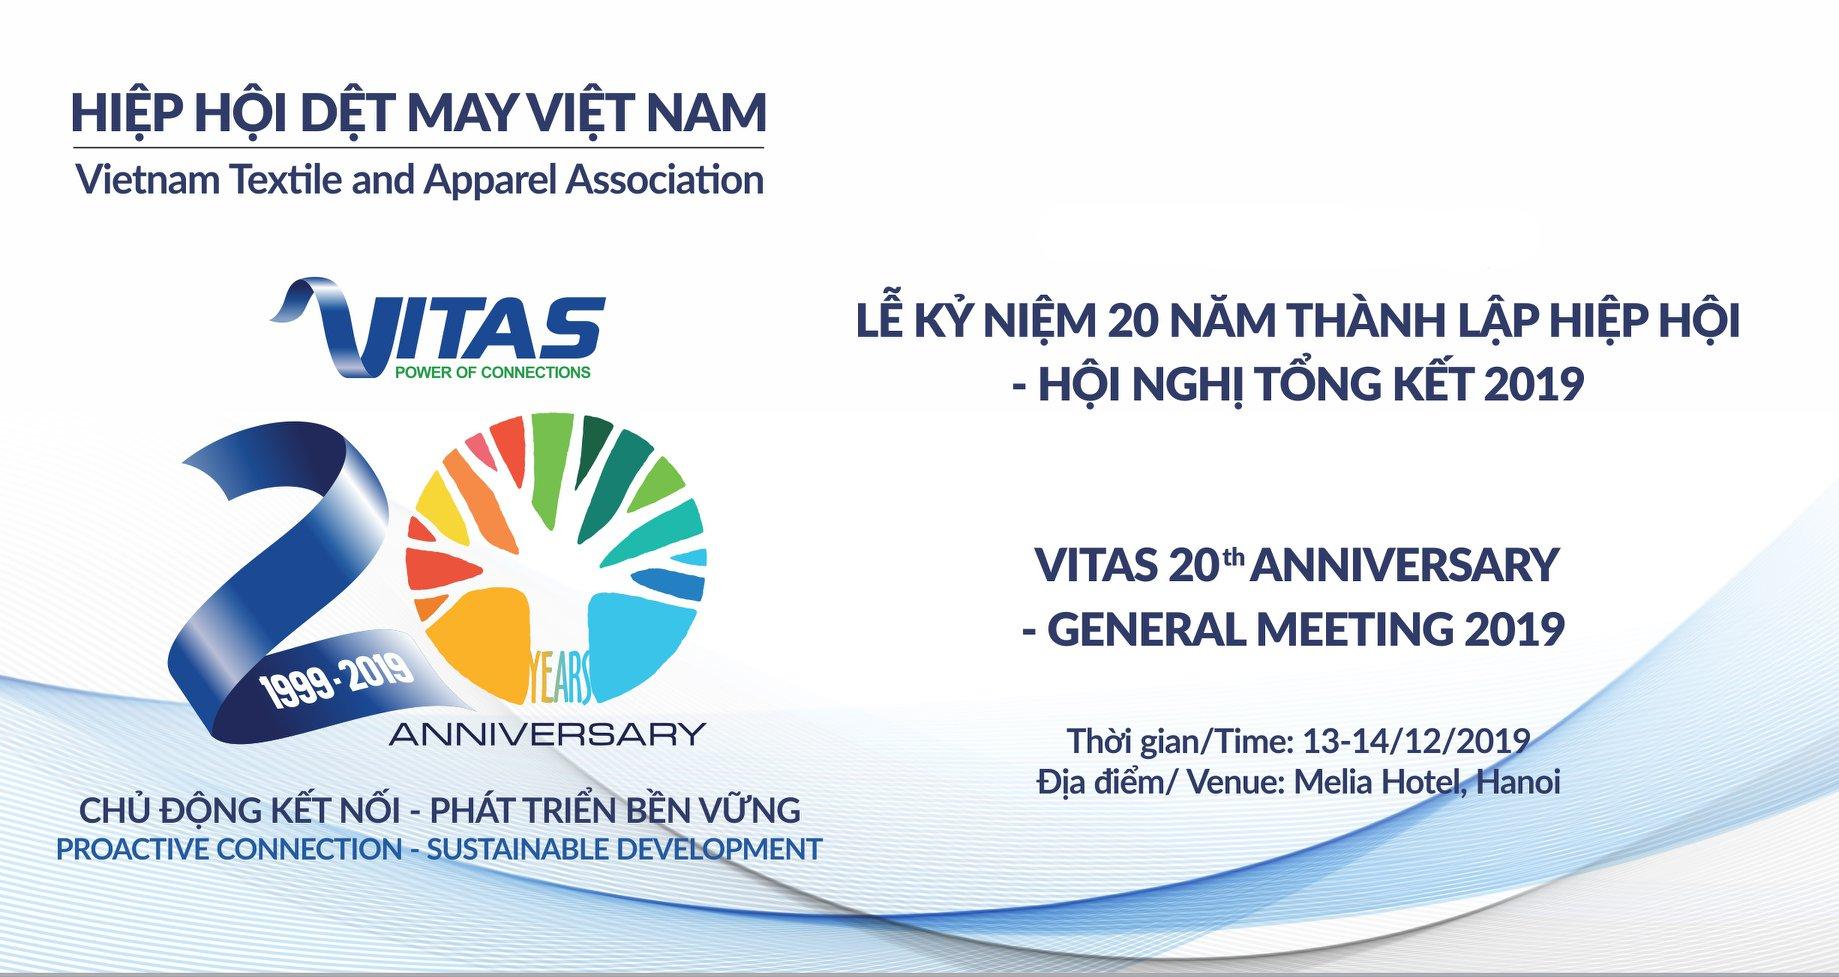 Kỷ niệm 20 năm thành lập Vitas và Hội nghị Tổng kết năm 2019